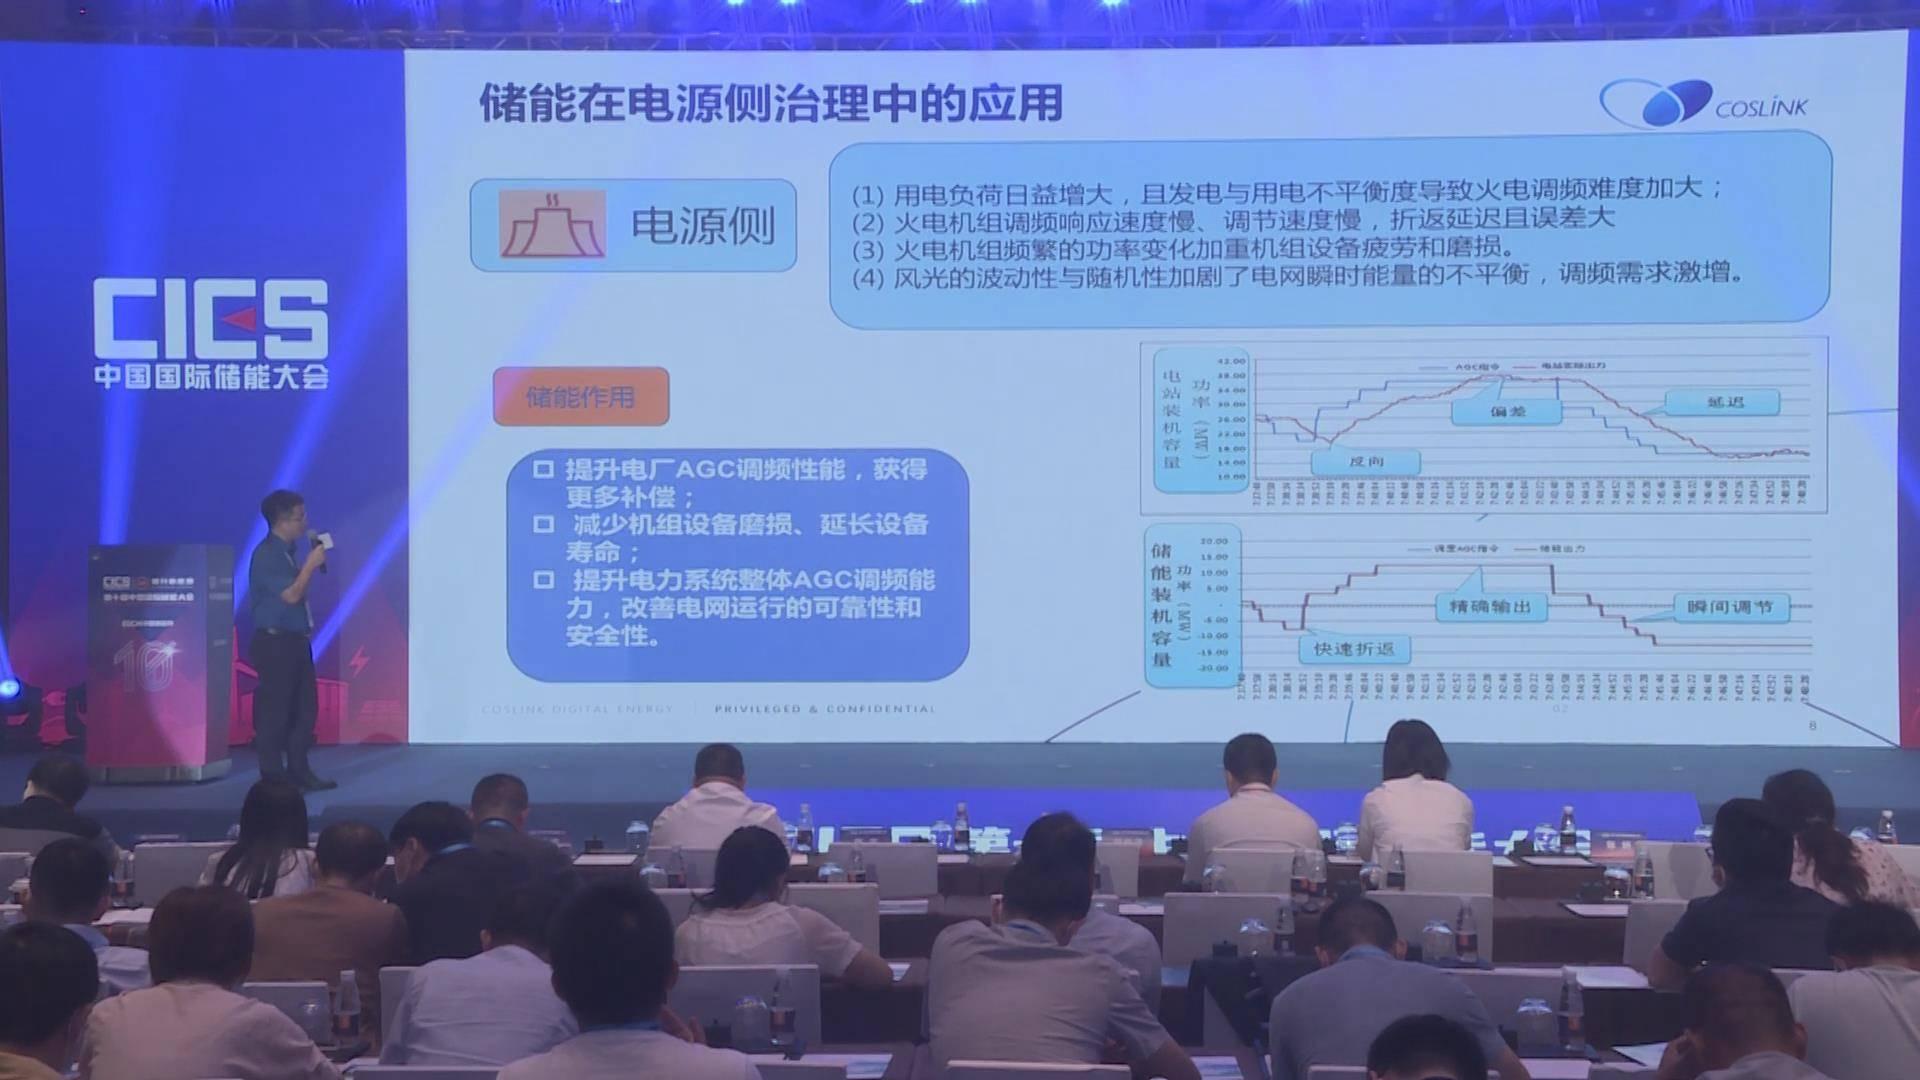 郑俊涛:锂电池储能在能源治理中的应用